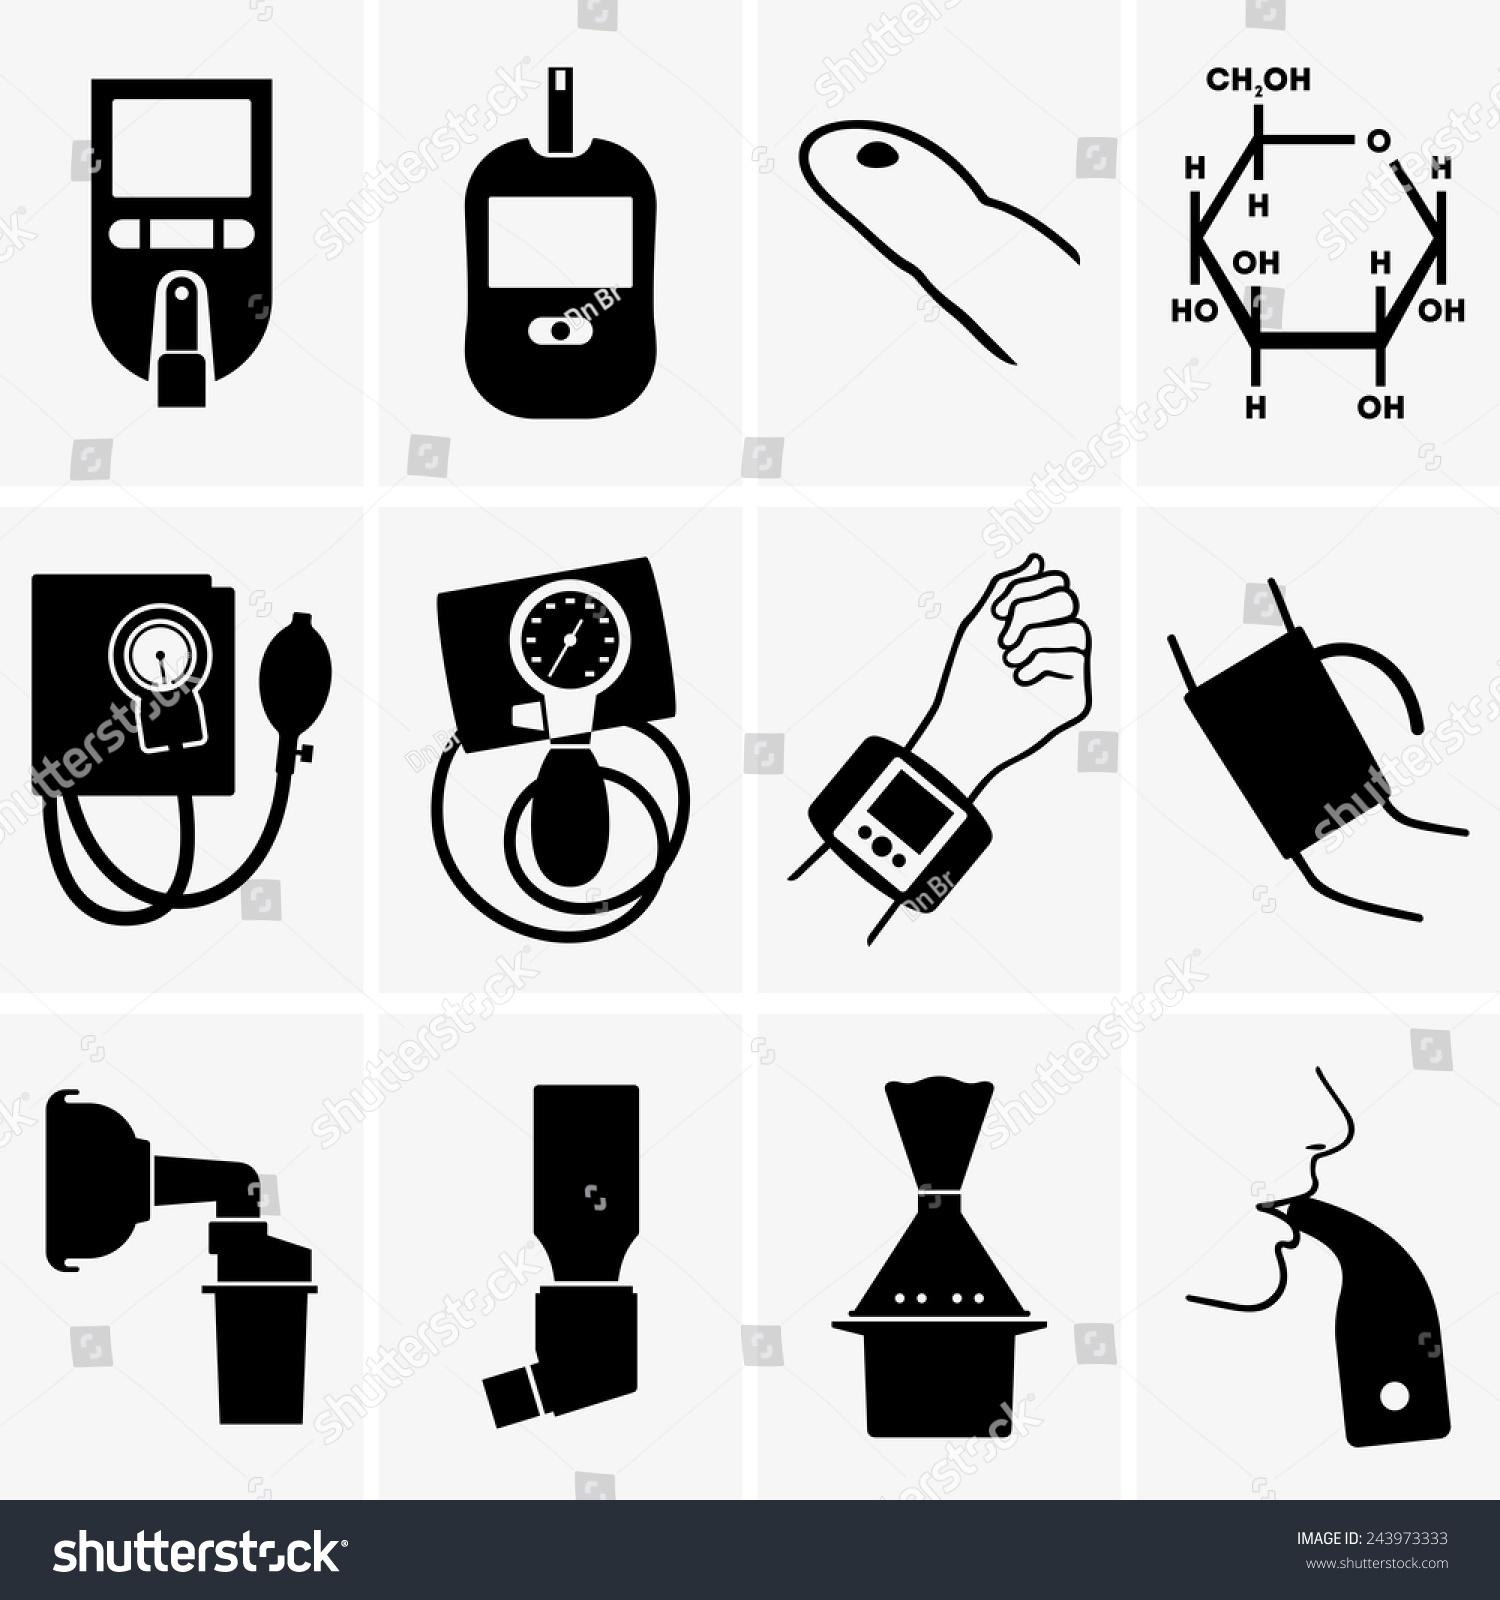 血压可爱简笔画图标